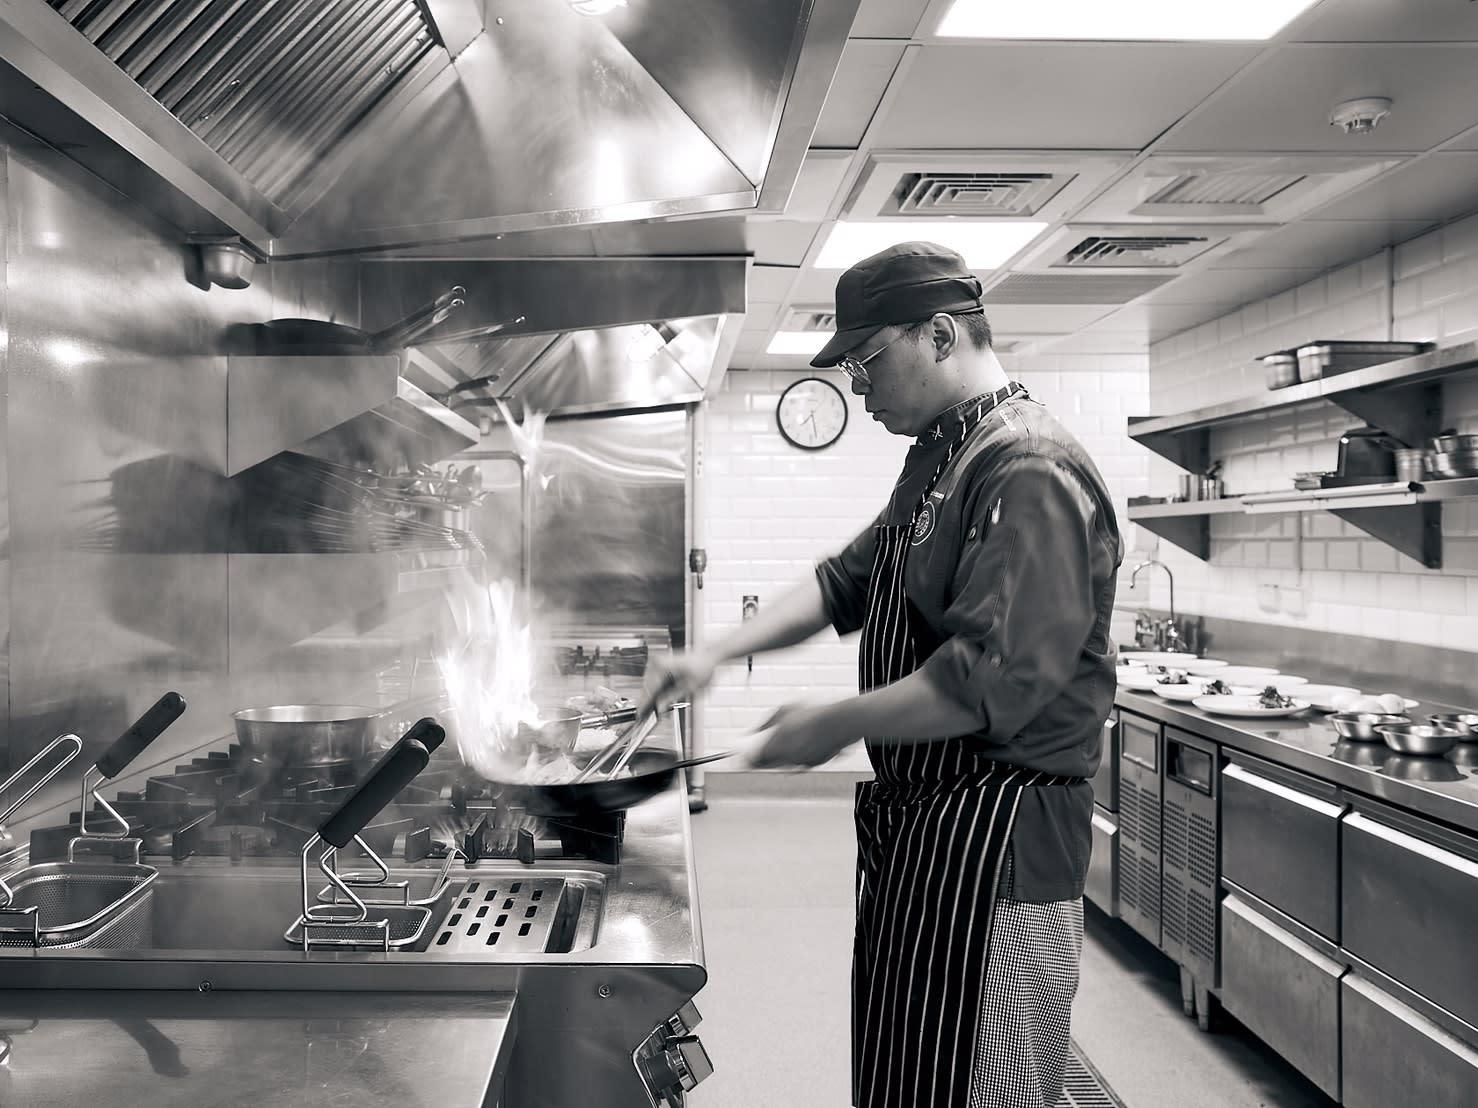 Cloud kitchen startup JustKitchen to go public on the TSX Venture Exchange